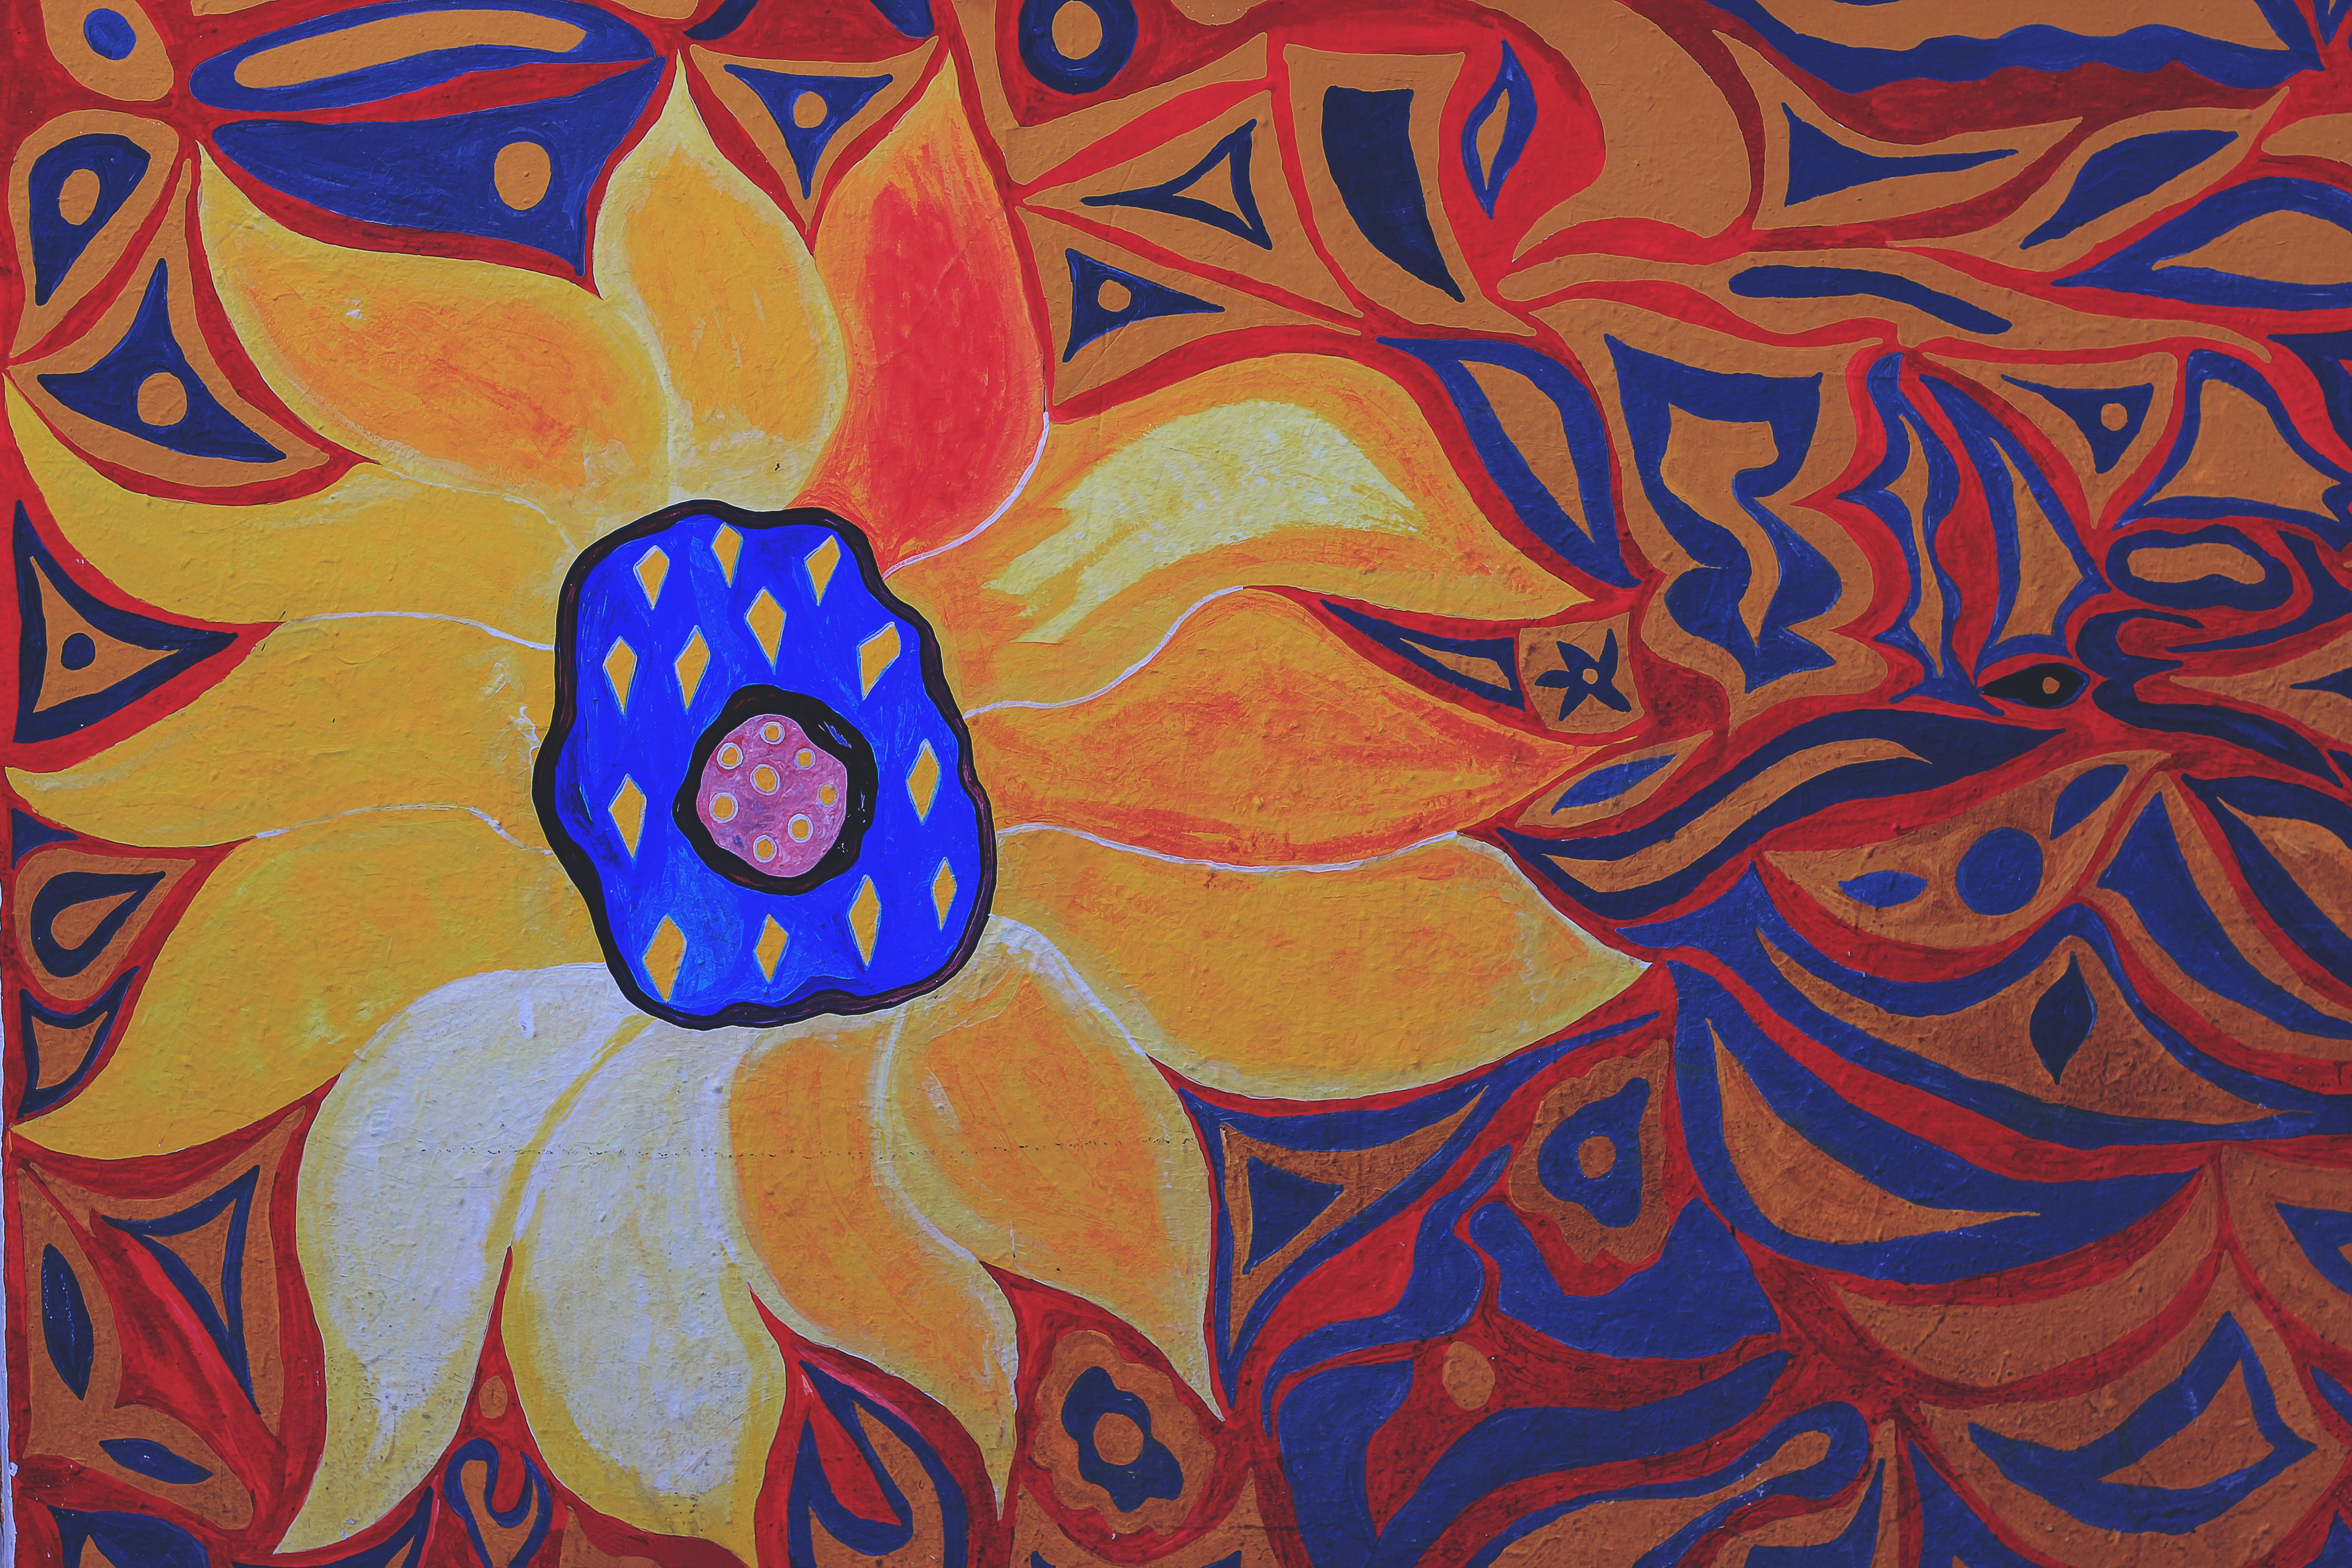 Images Gratuites Fleur Modèle Cercle La Peinture Dessin